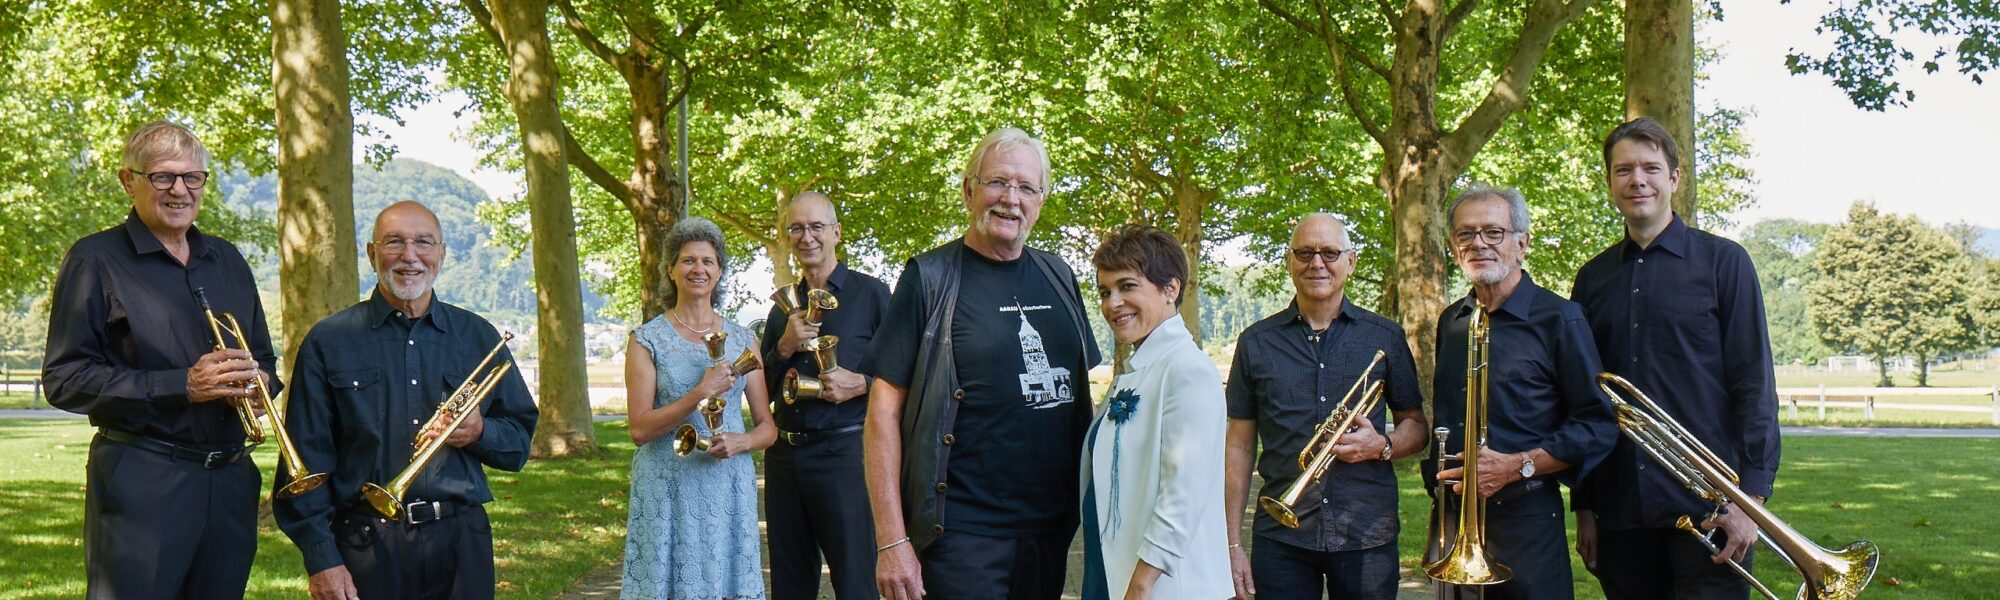 Carillon-Konzert: Brass, Bells & Voice